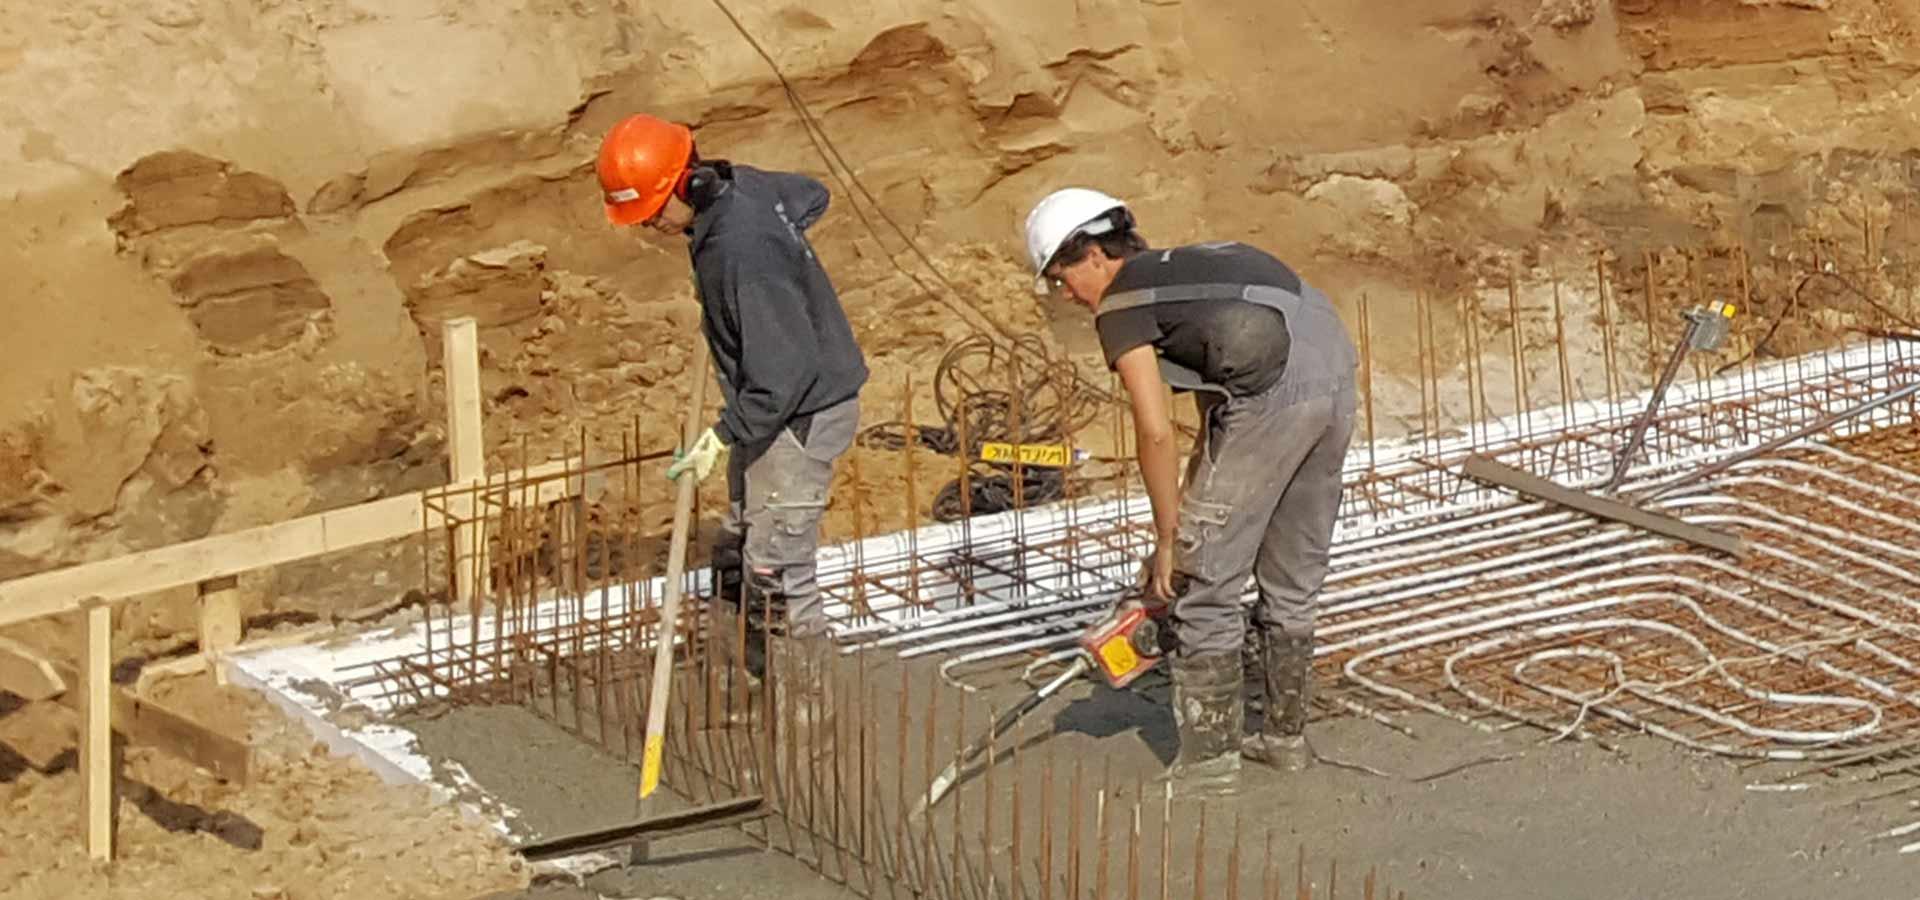 prefab betonkelder laten storten door aannemersbedrijf wielink